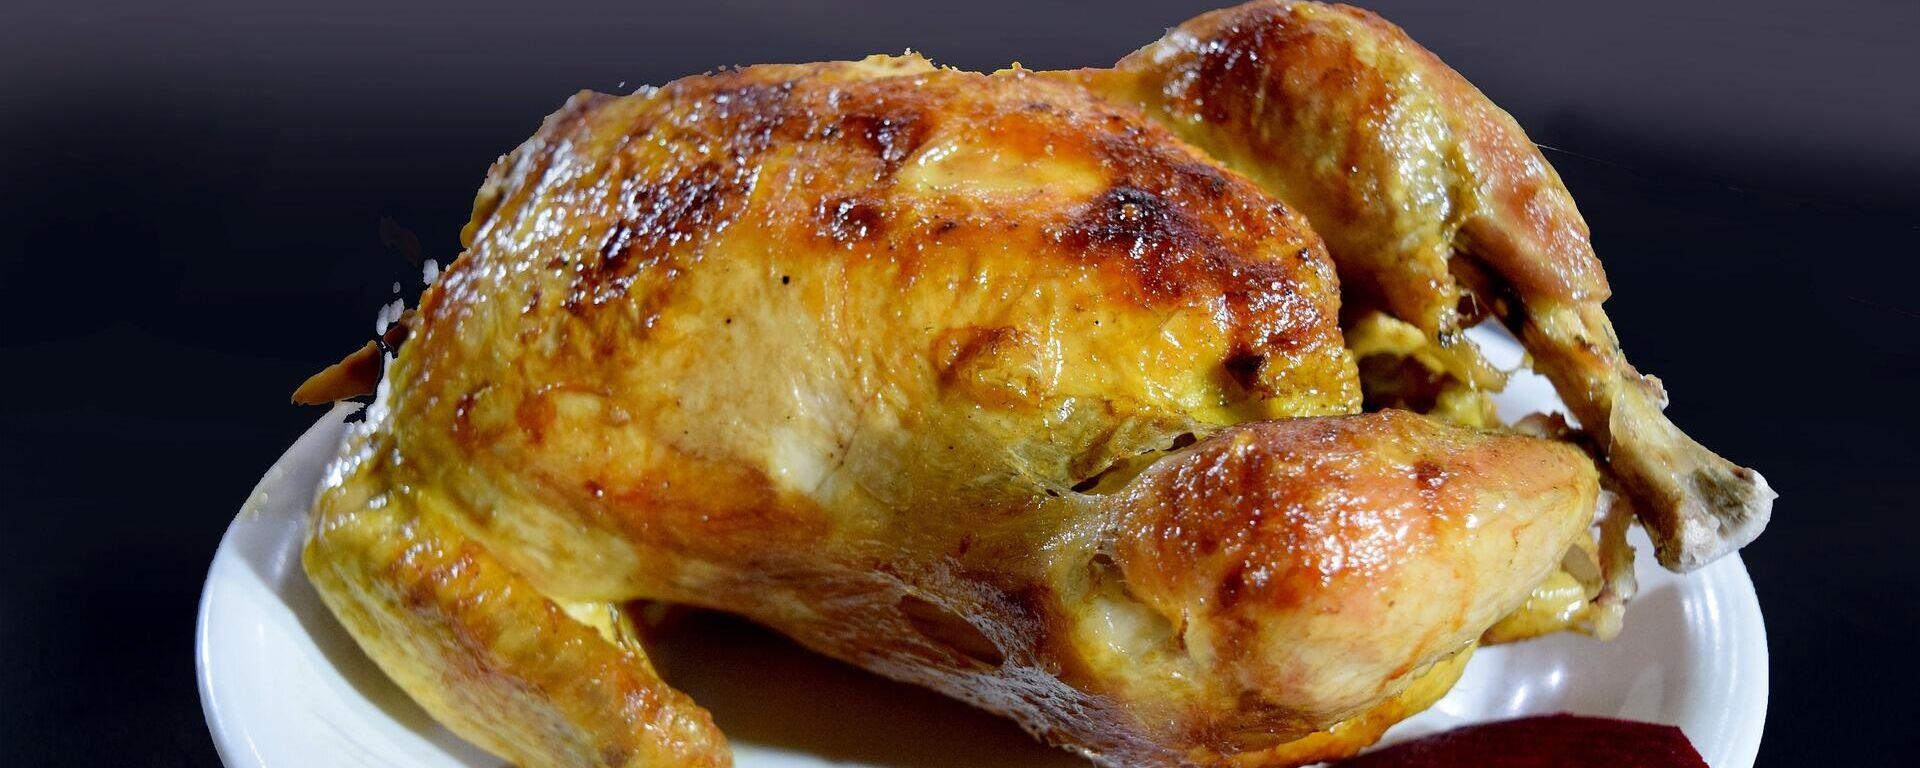 Un pollo asado - Sputnik Mundo, 1920, 07.04.2021